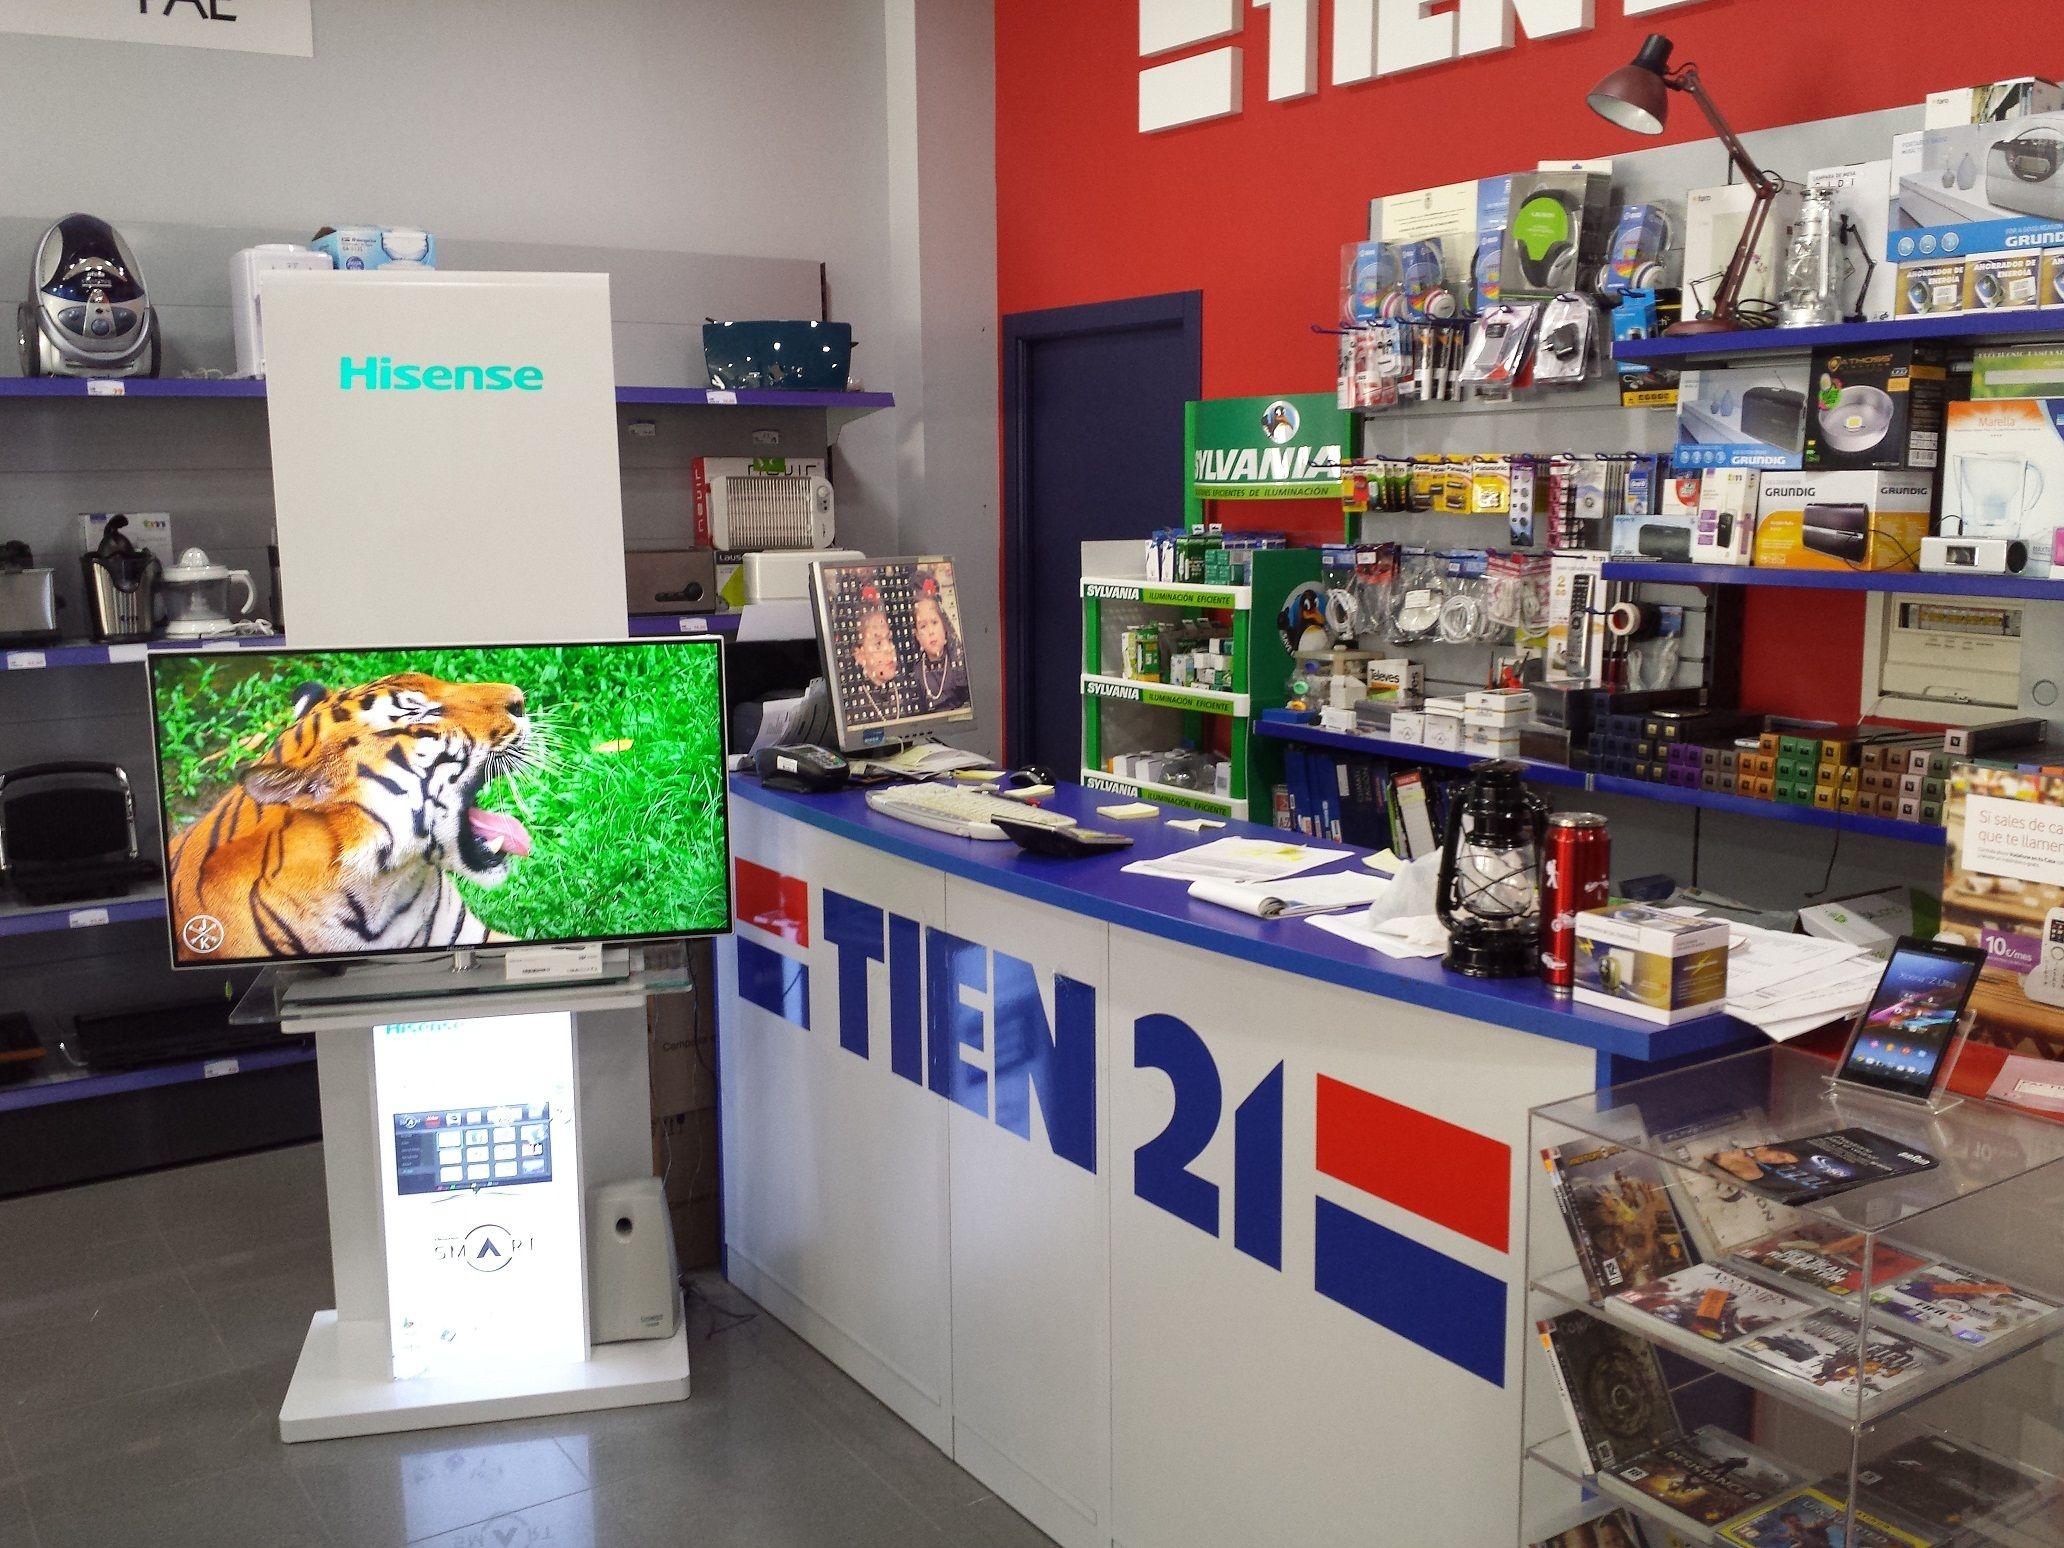 Pin de Tien21Ageluz en Tienda fisica Tiendas